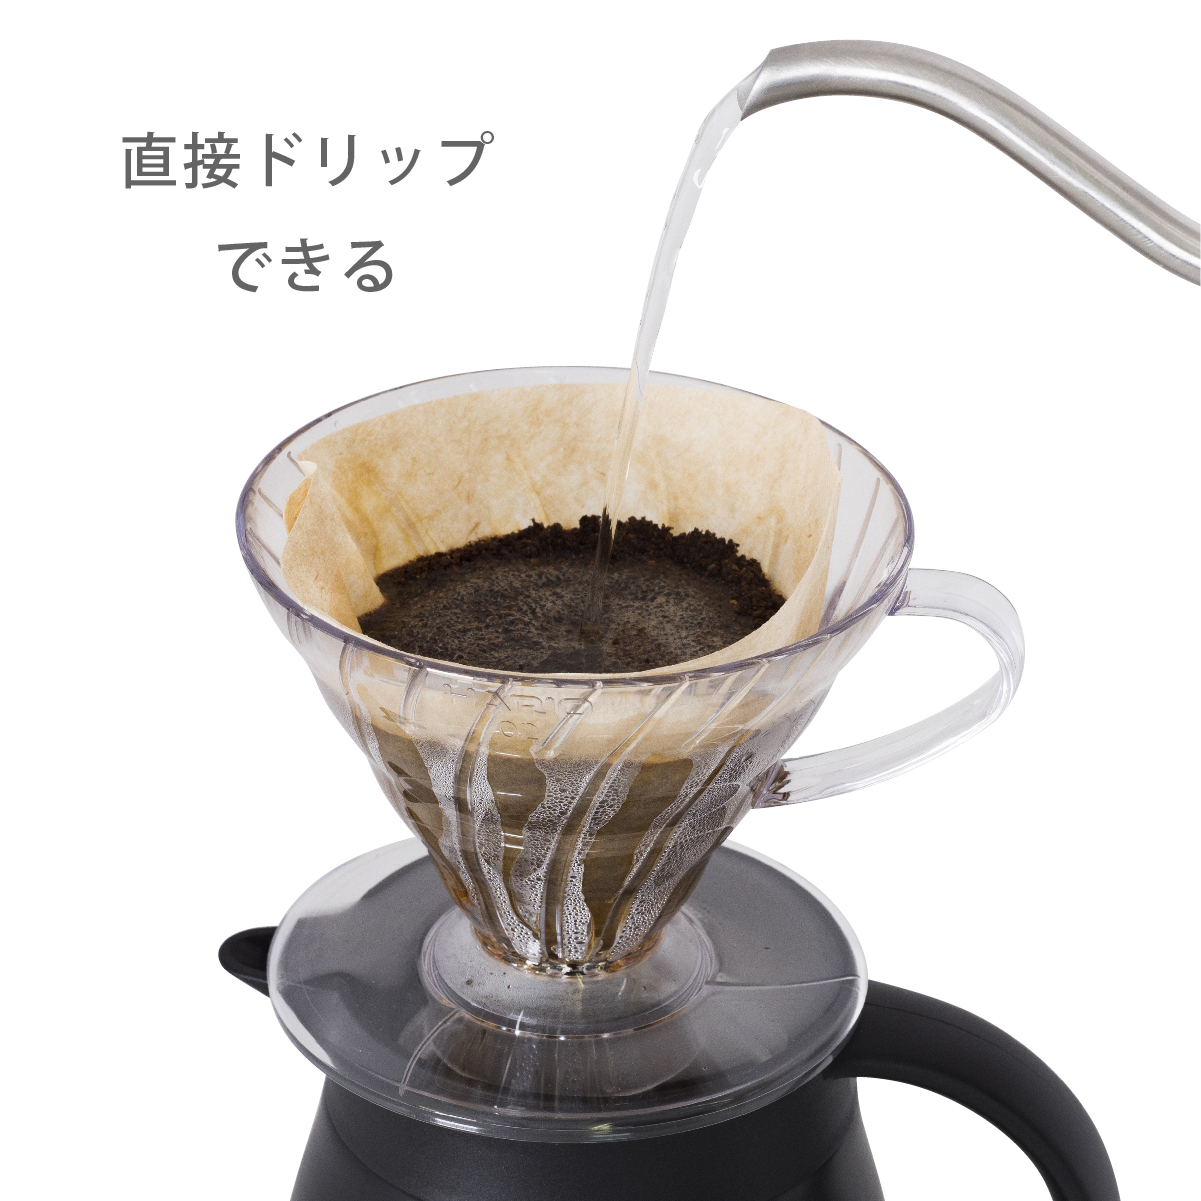 CURRENT コーヒーサーバー 600ml ブラック image03